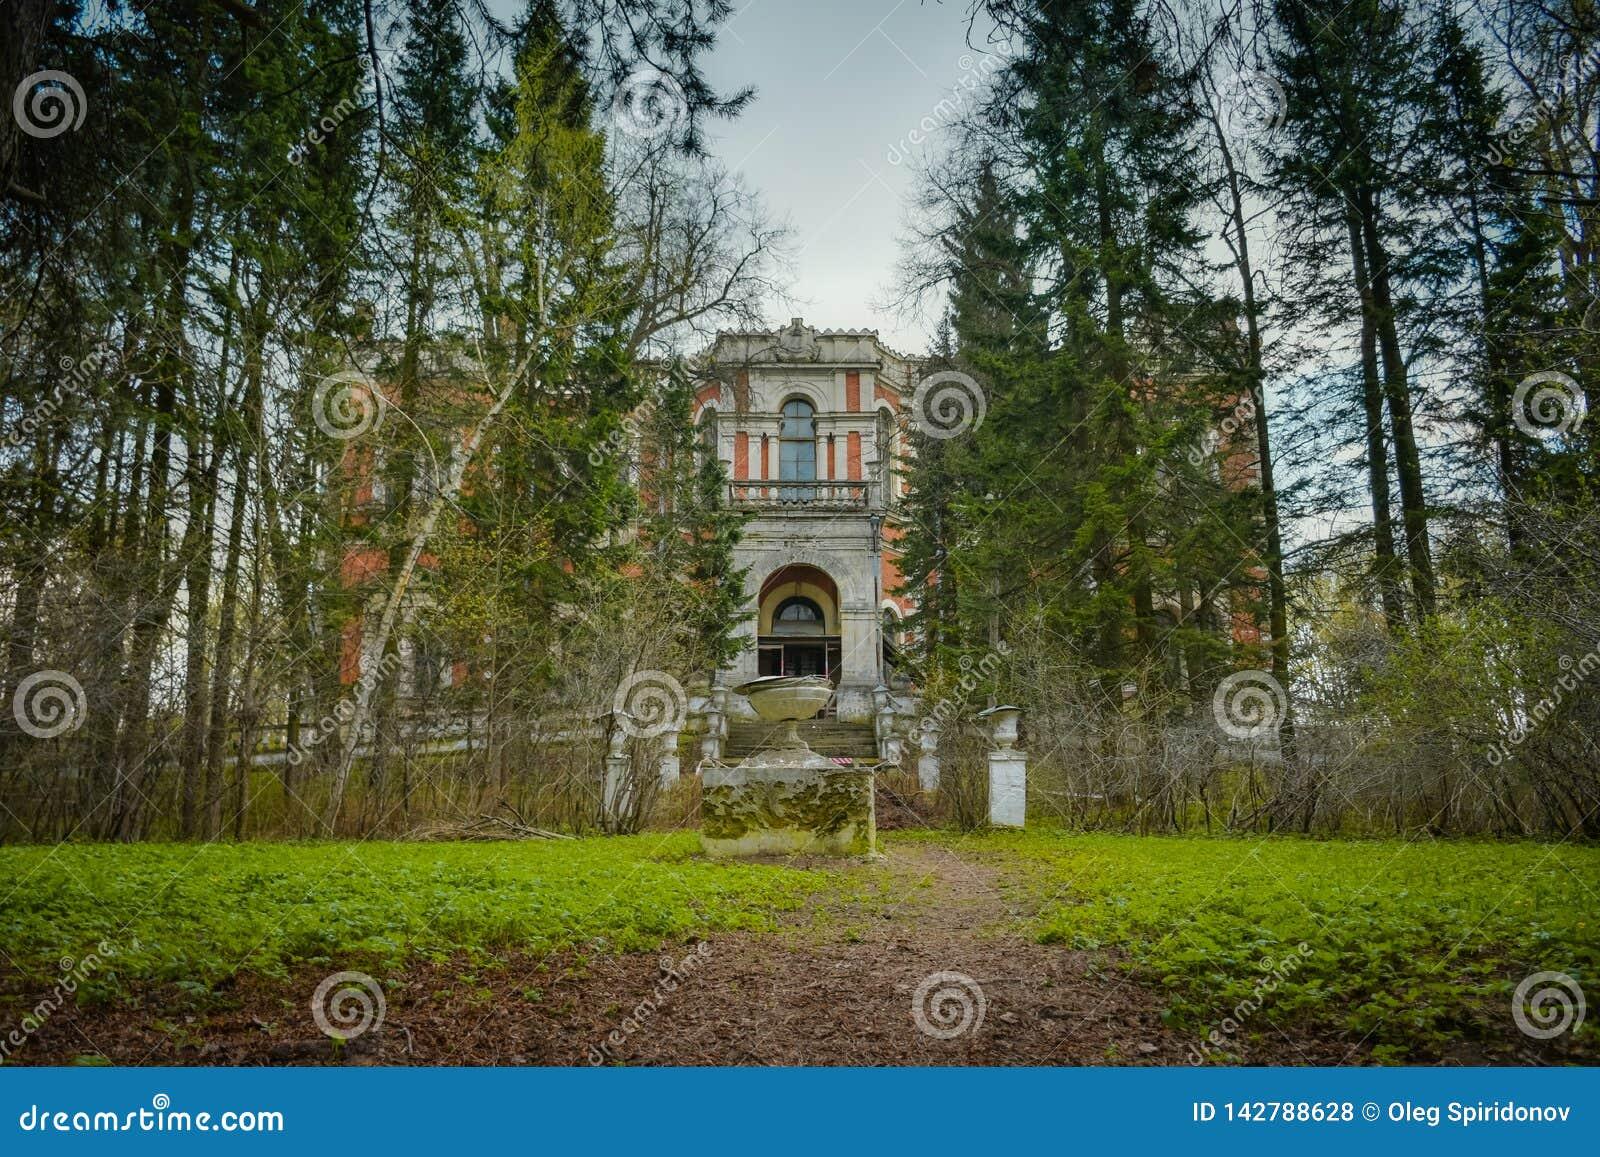 Bykovo, Manor in Bykovo